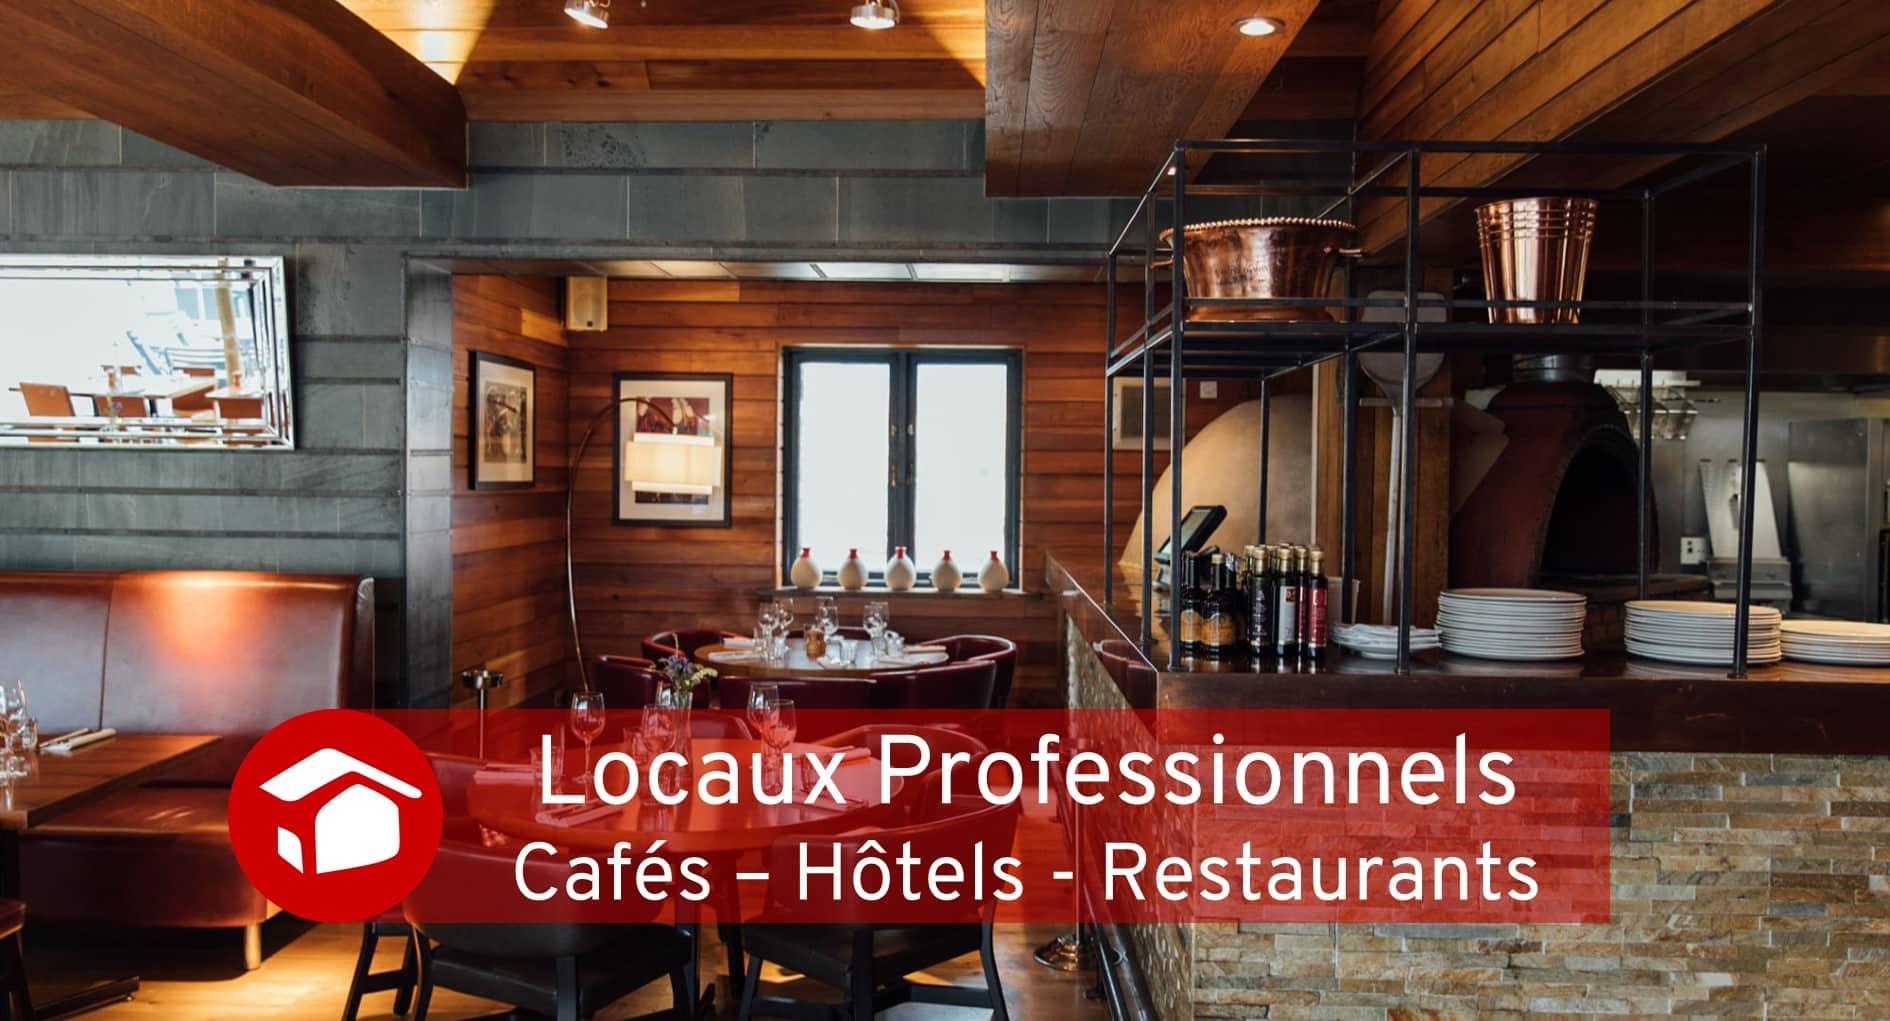 Cafés - Hôtels - Restaurants Locaux Professionnels Travaux Meilleur Projet